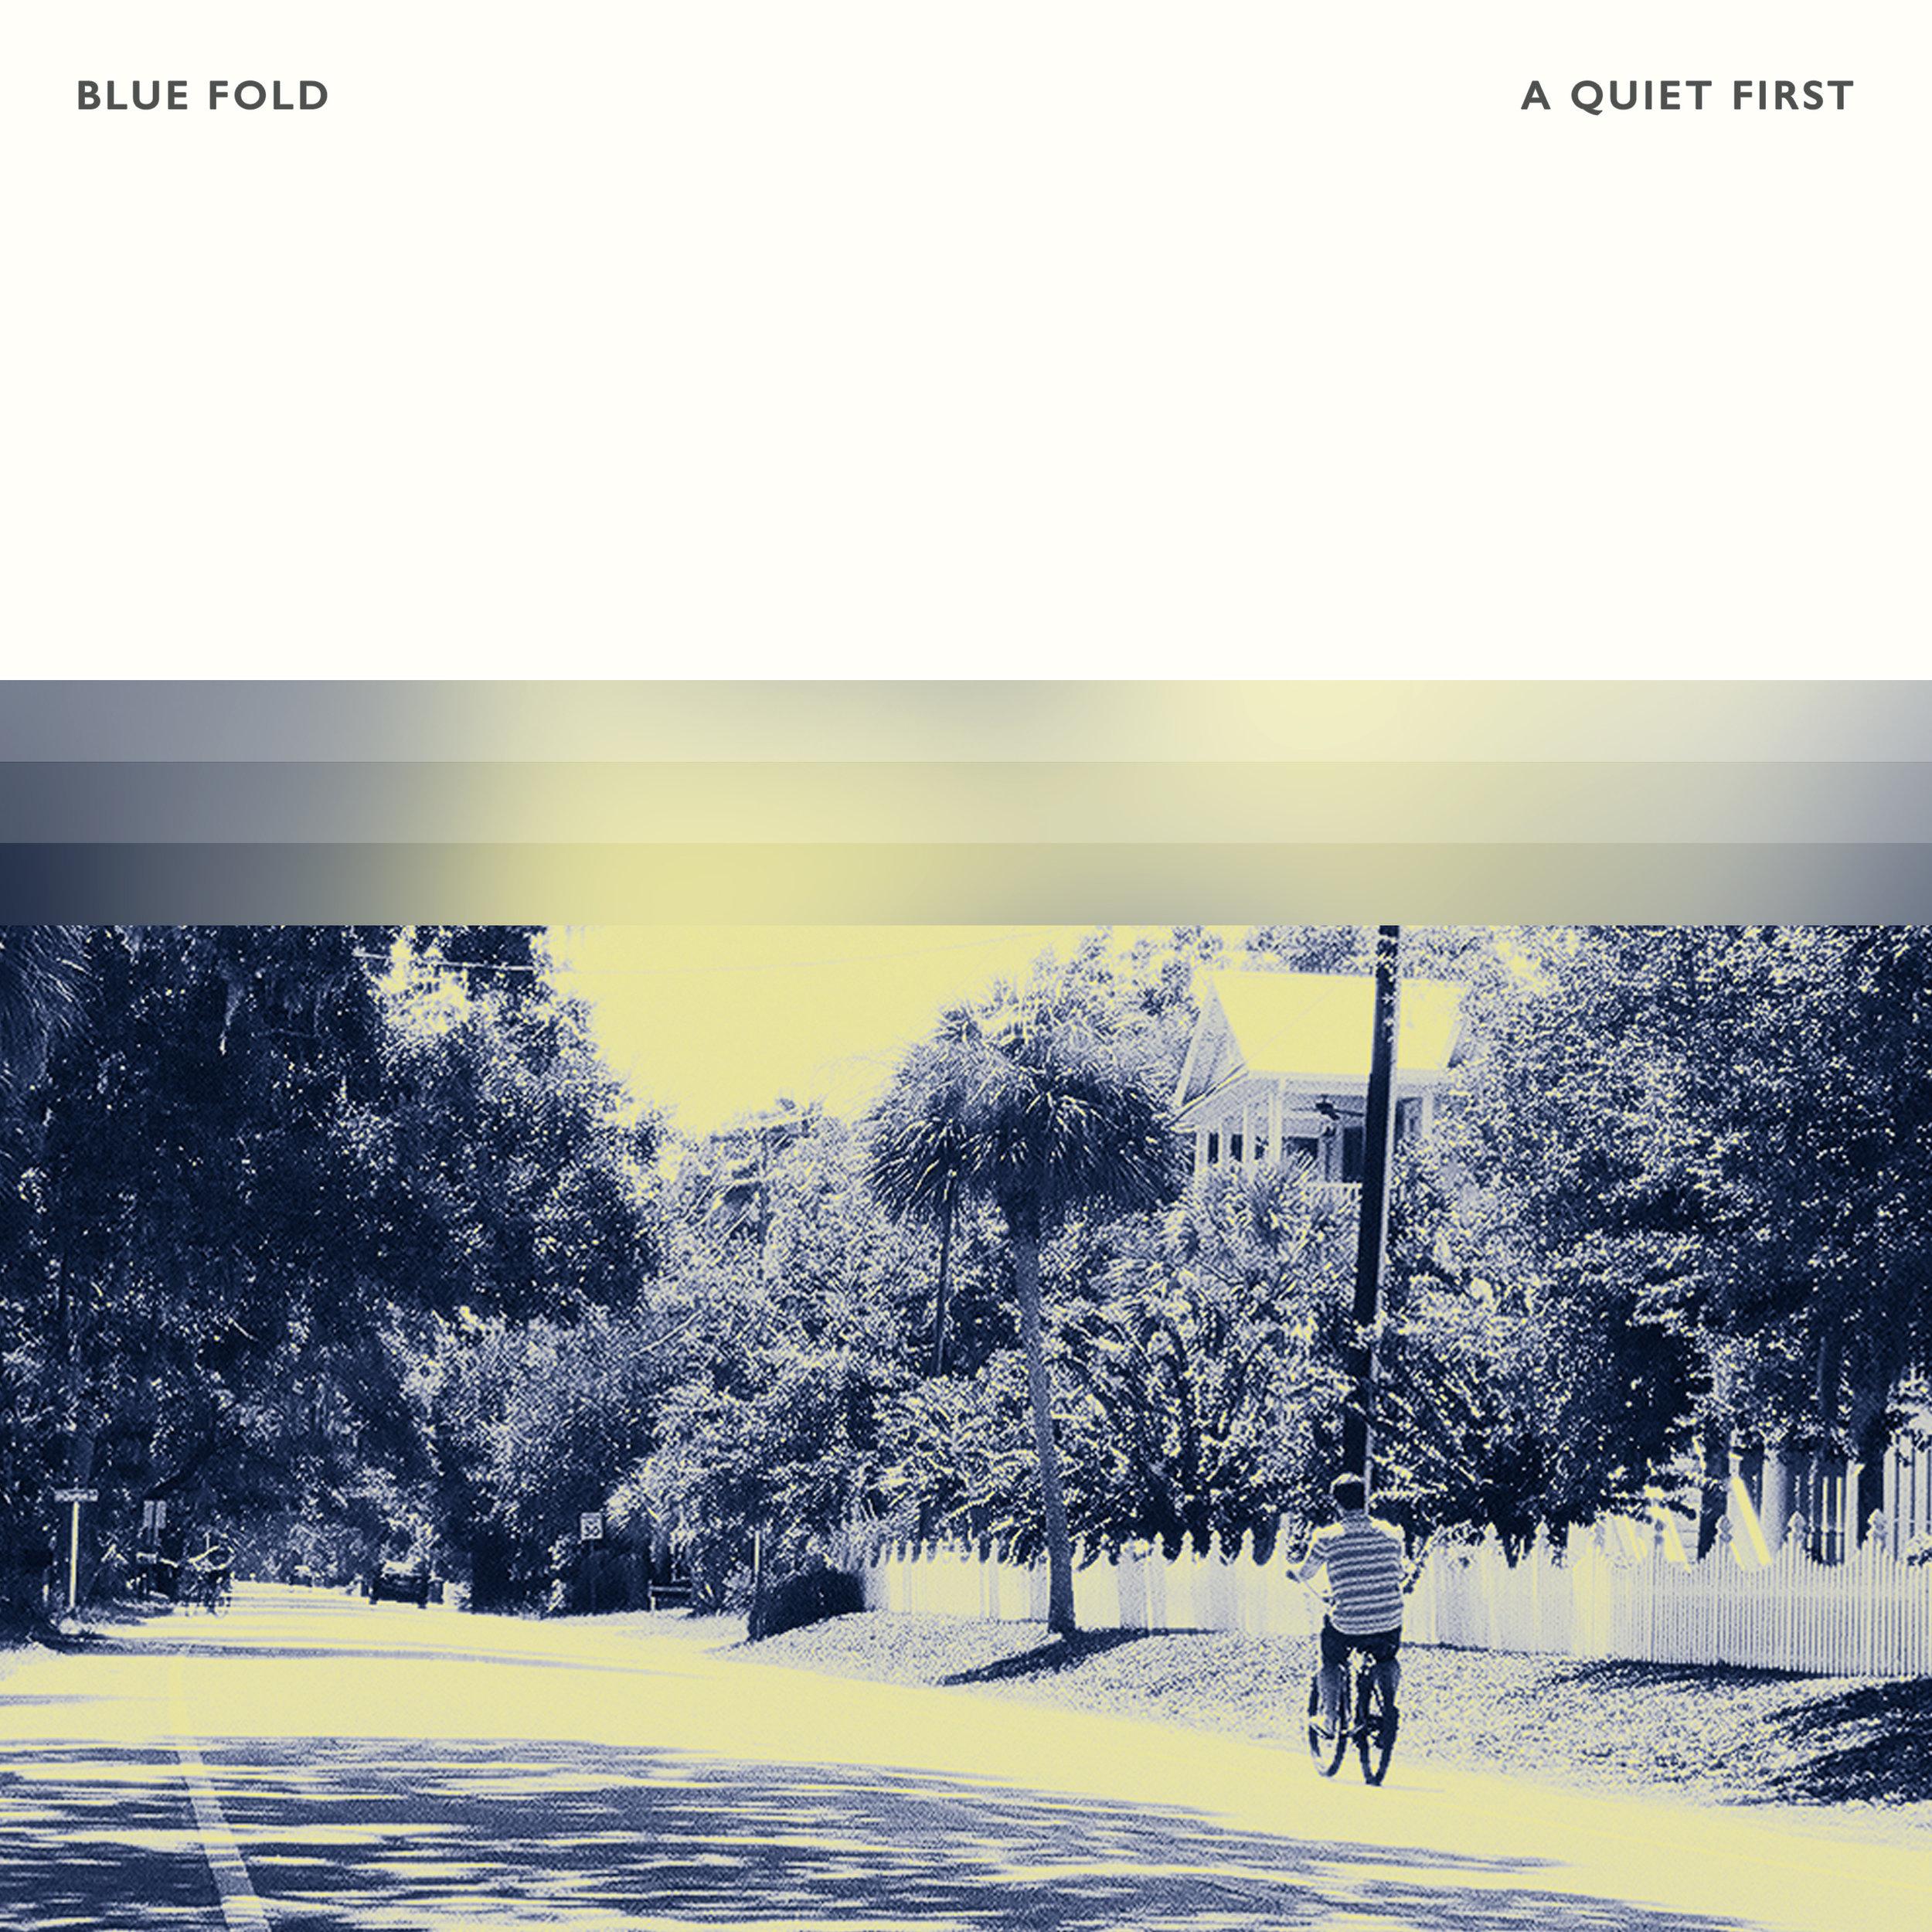 Blue Fold - A Quiet First